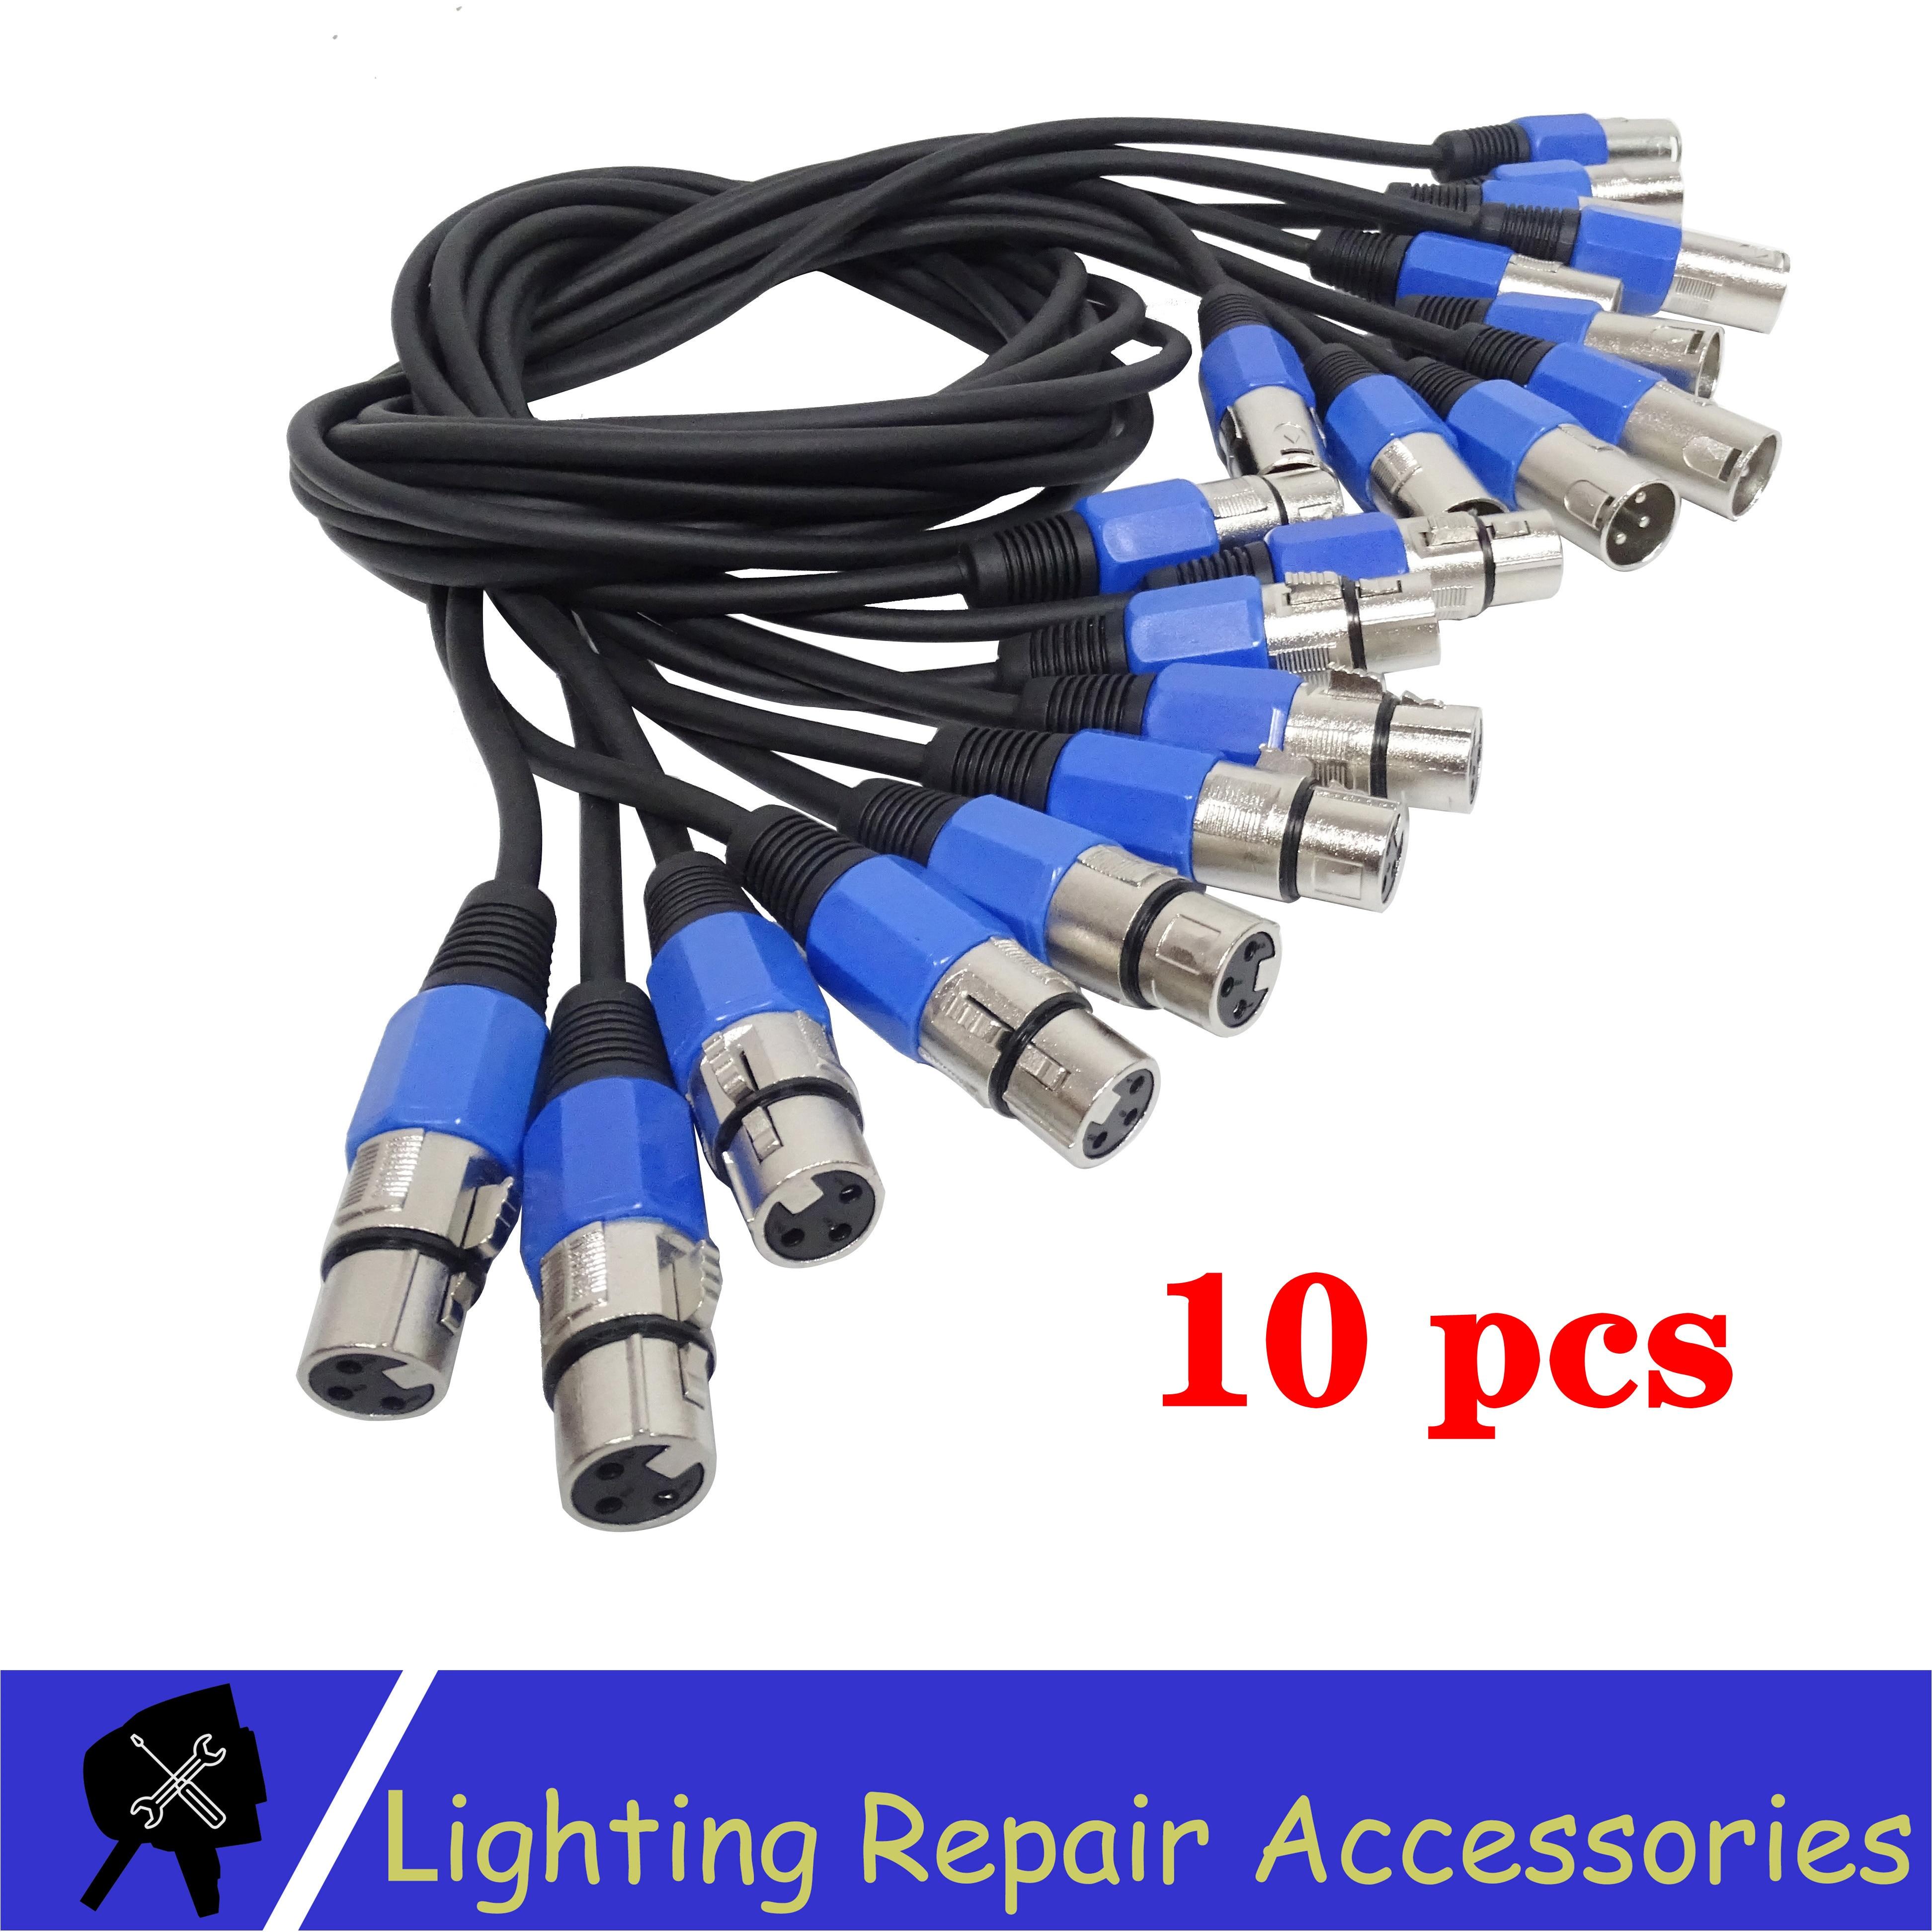 Libre de impuestos 10 unids/lote Cable DMX de 3 pines 1 M/2 M/3M/5 M/10 M Led Par Cable de conexión línea de señal DMX utilizado para escenario